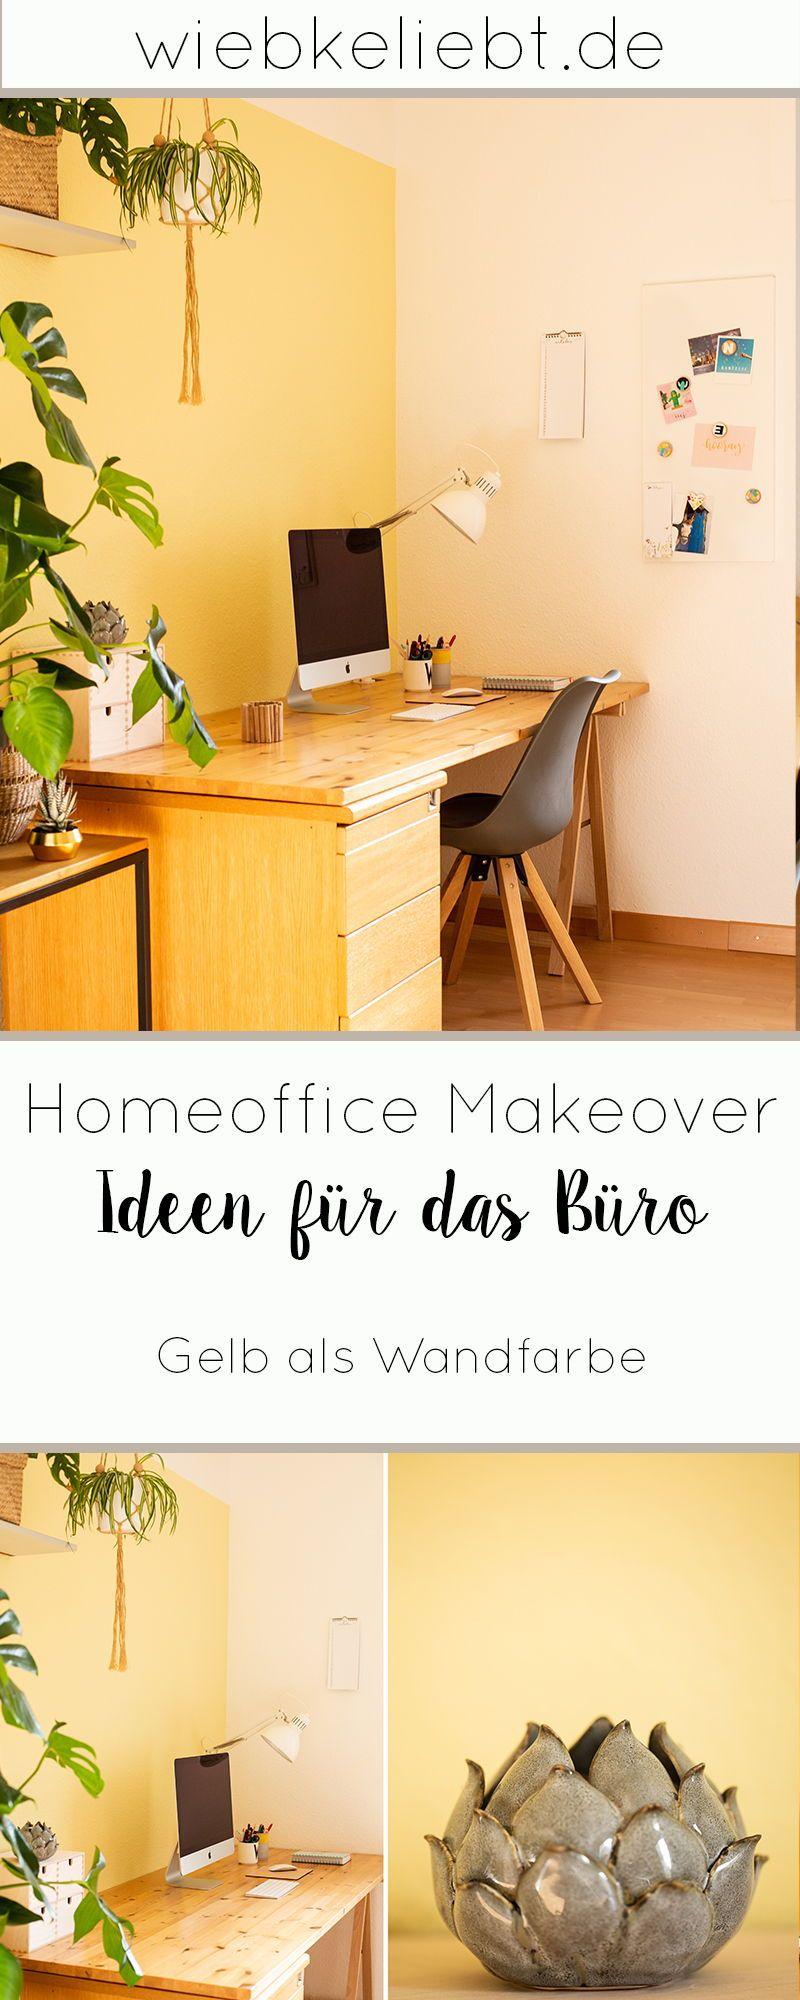 DIY Homeoffice Makeover Mit frischem Anstrich neu